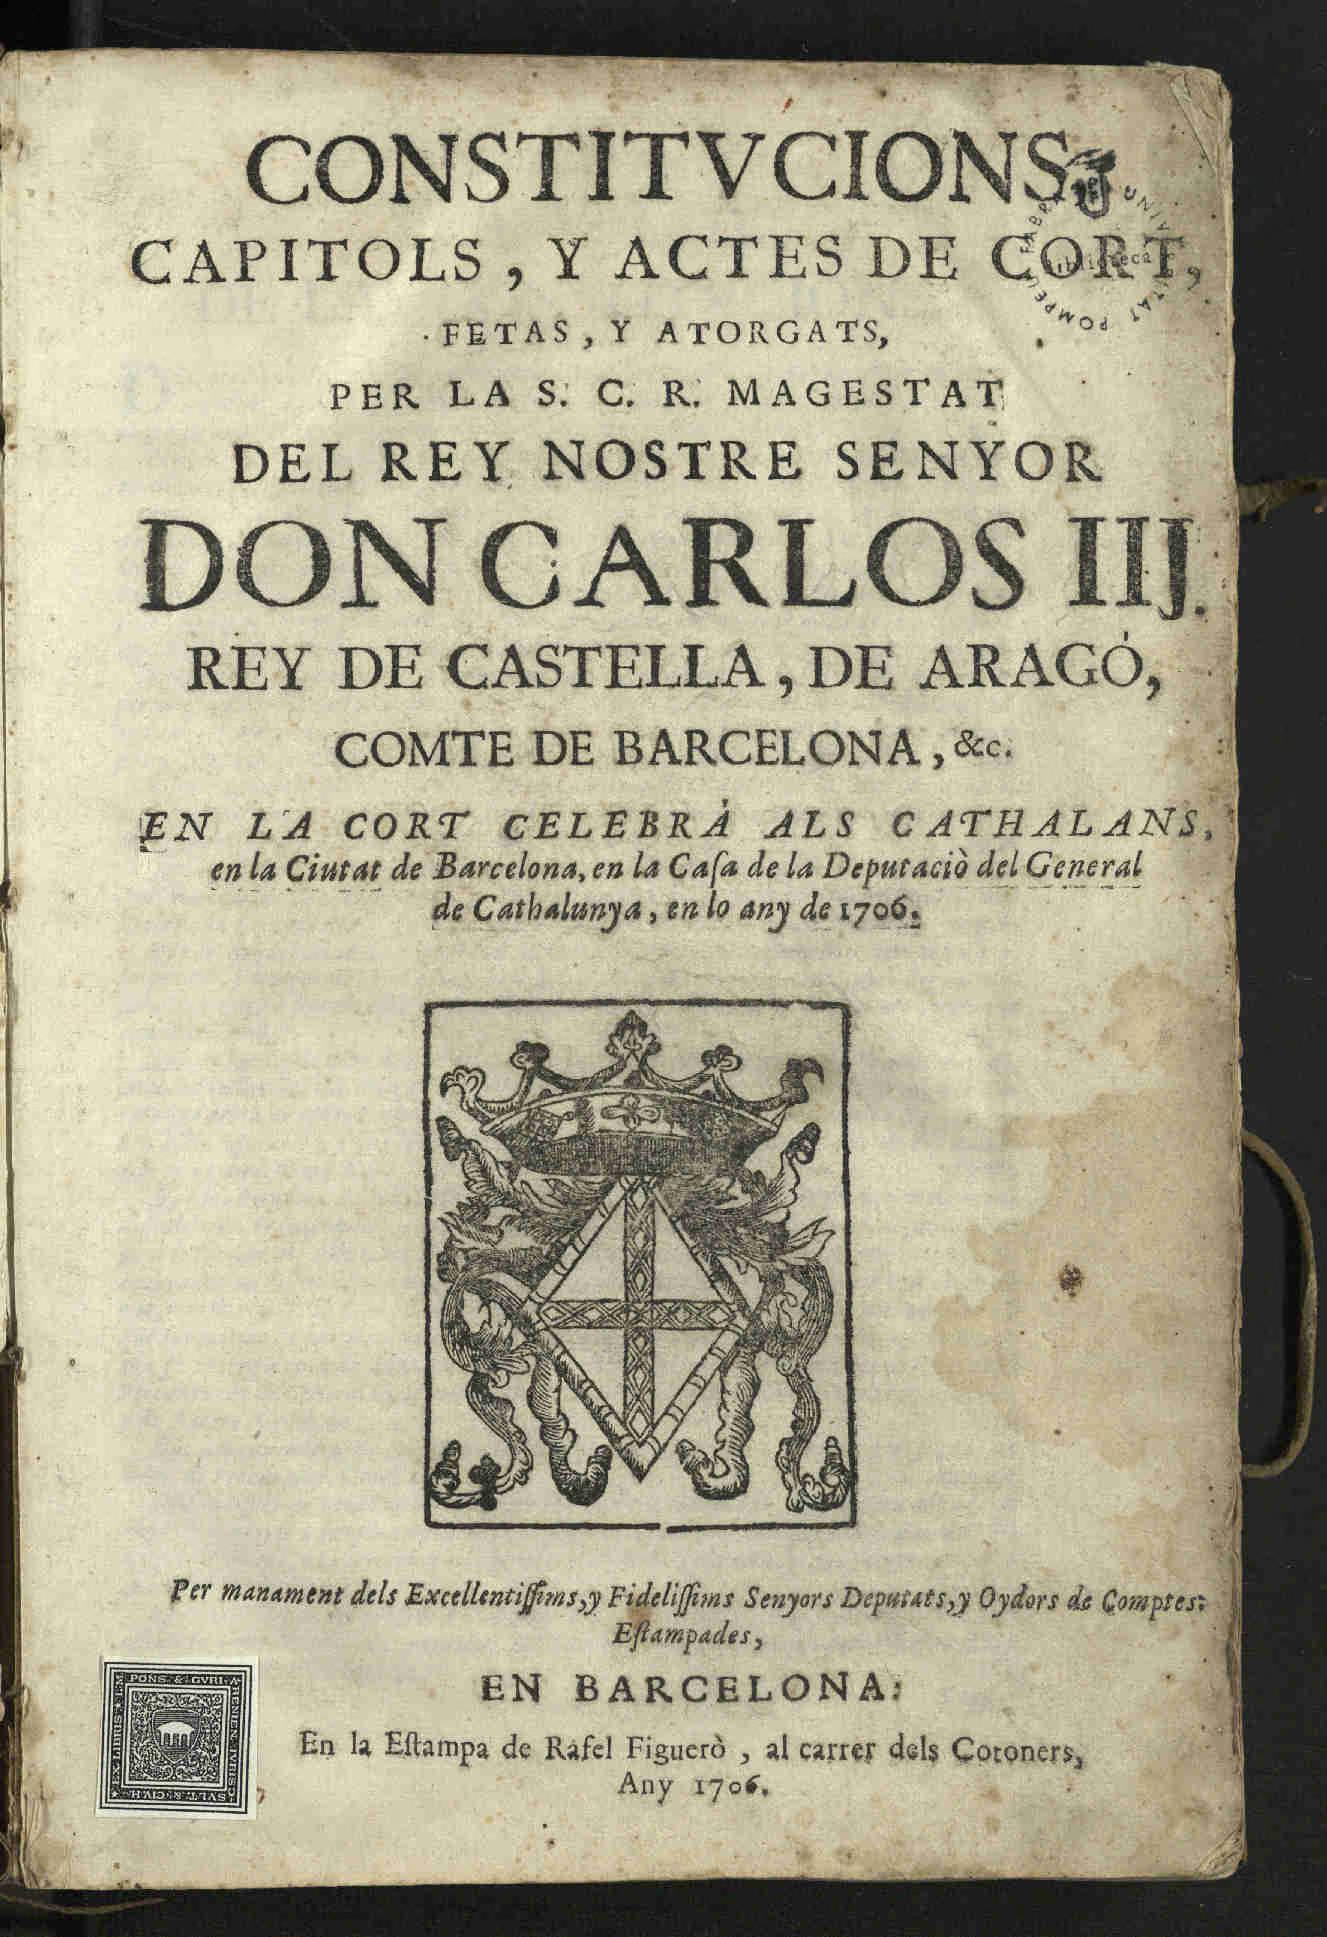 Constitvcions_capitols_y_actes_de_cort__Carlos_IIJ_